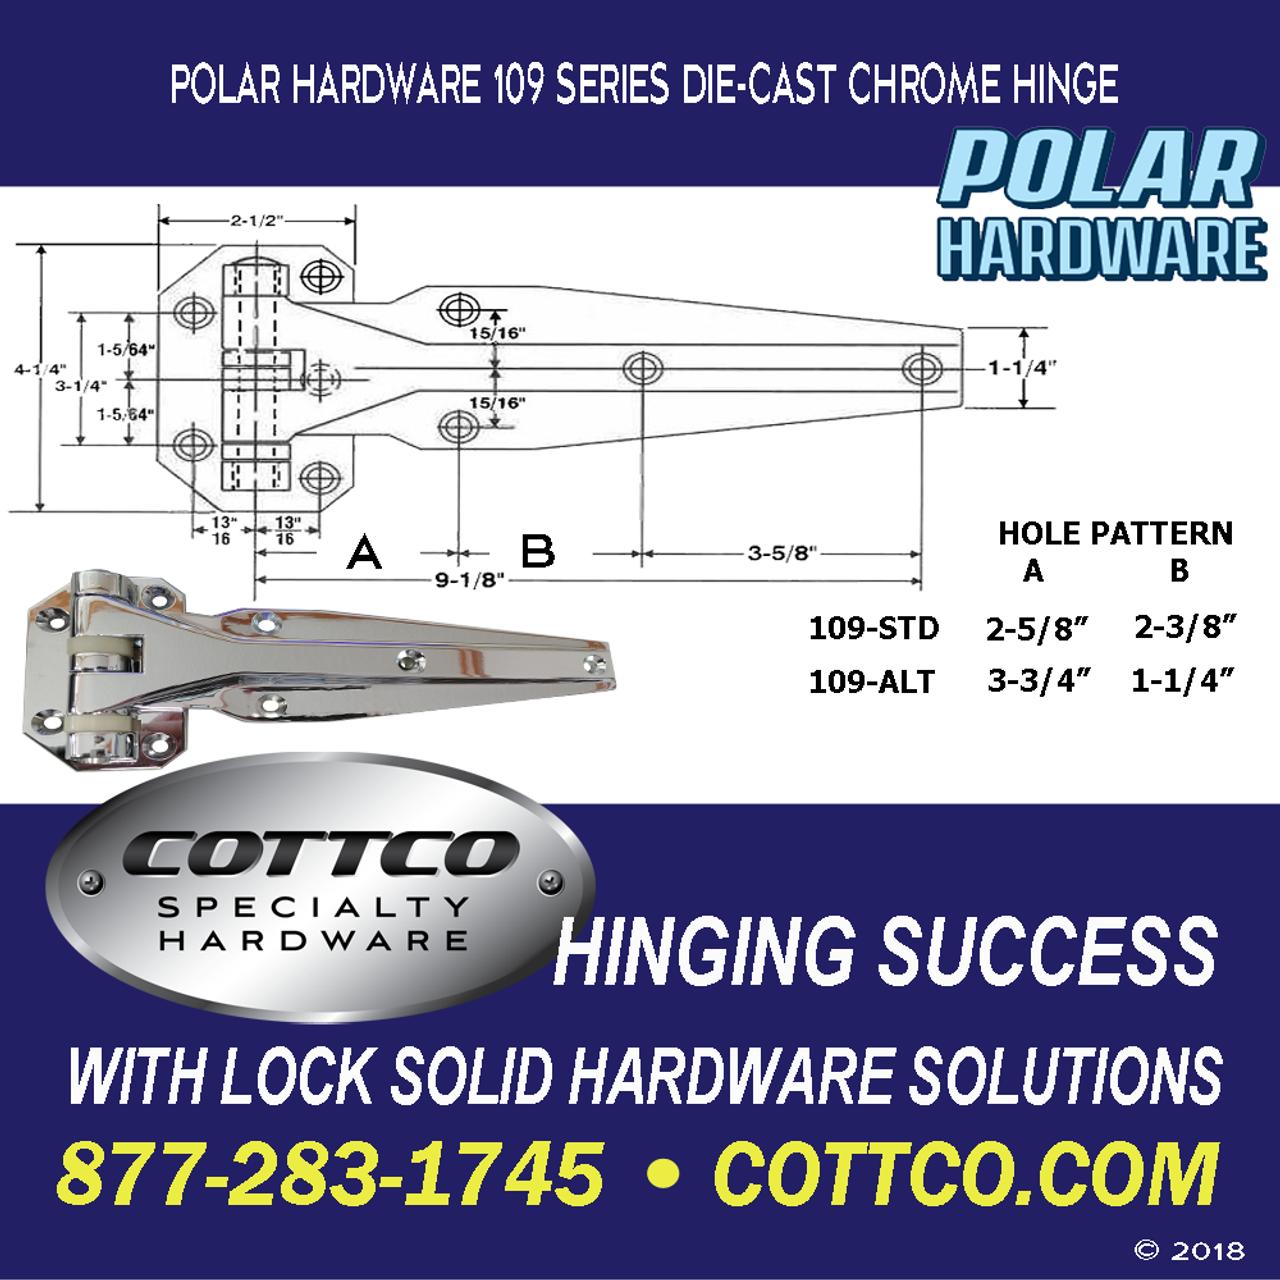 Polar Hardware 109 Chrome Hinge